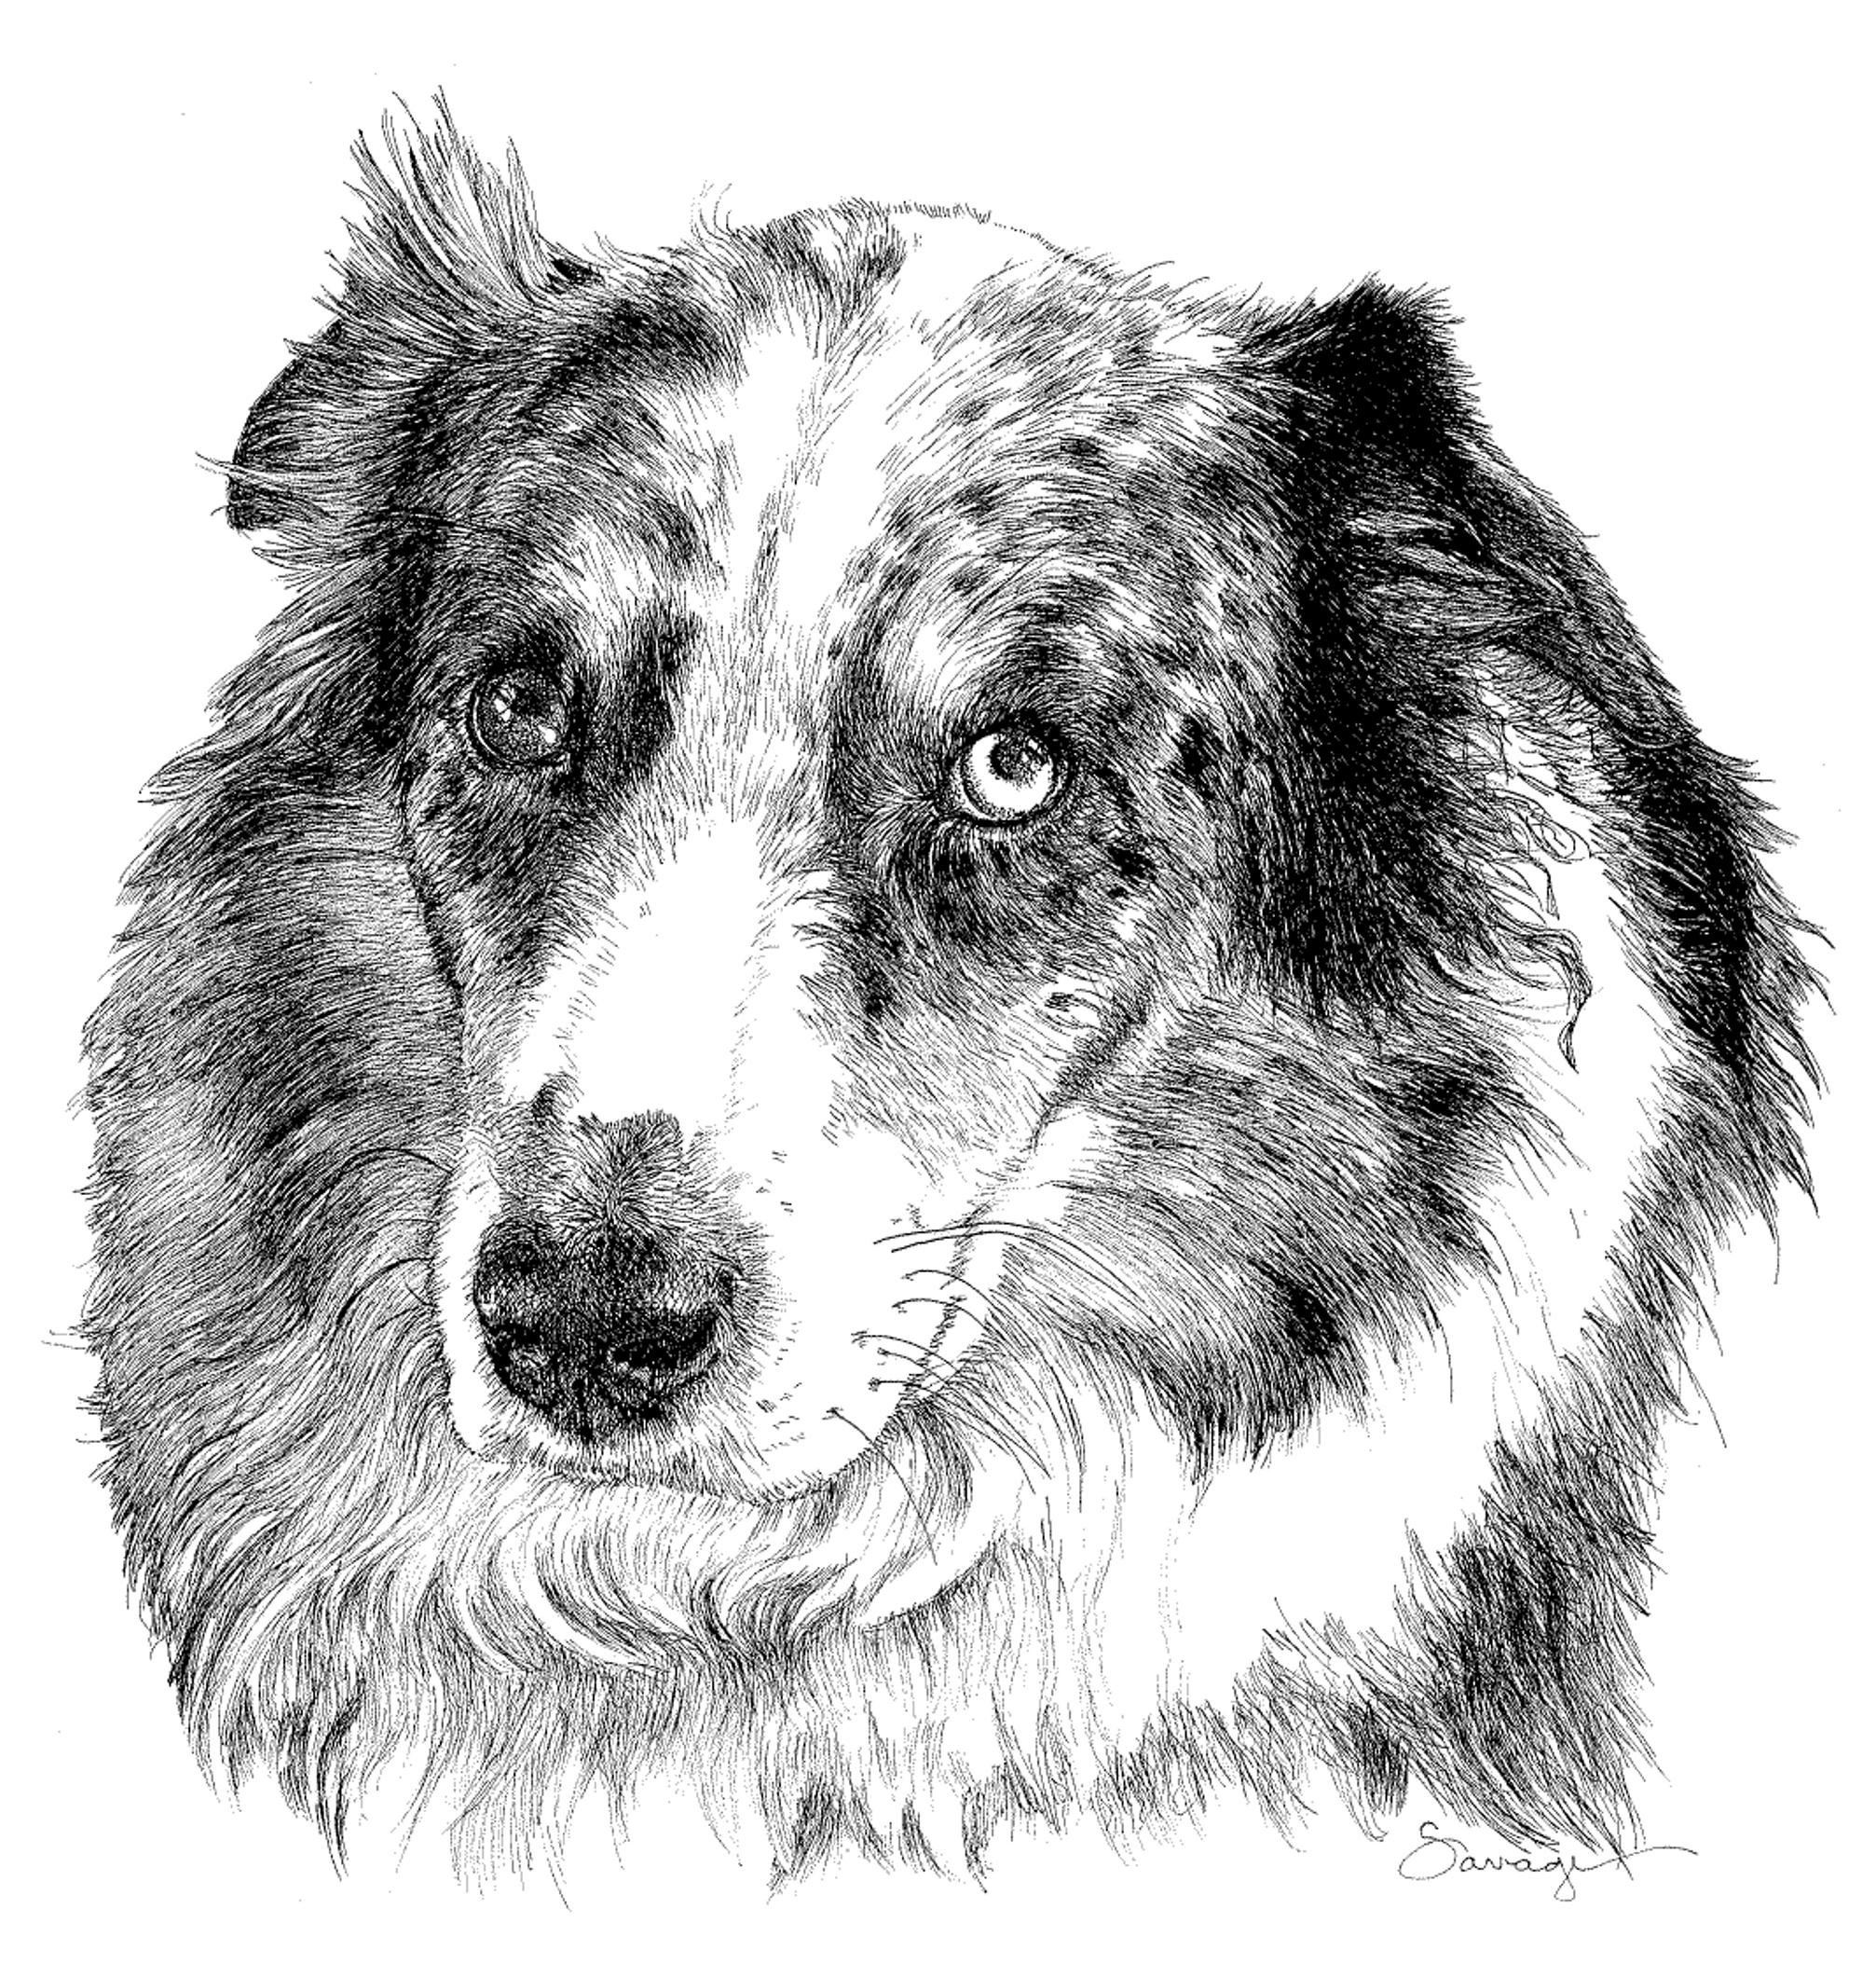 Lucy Blue, Australian Shepherd